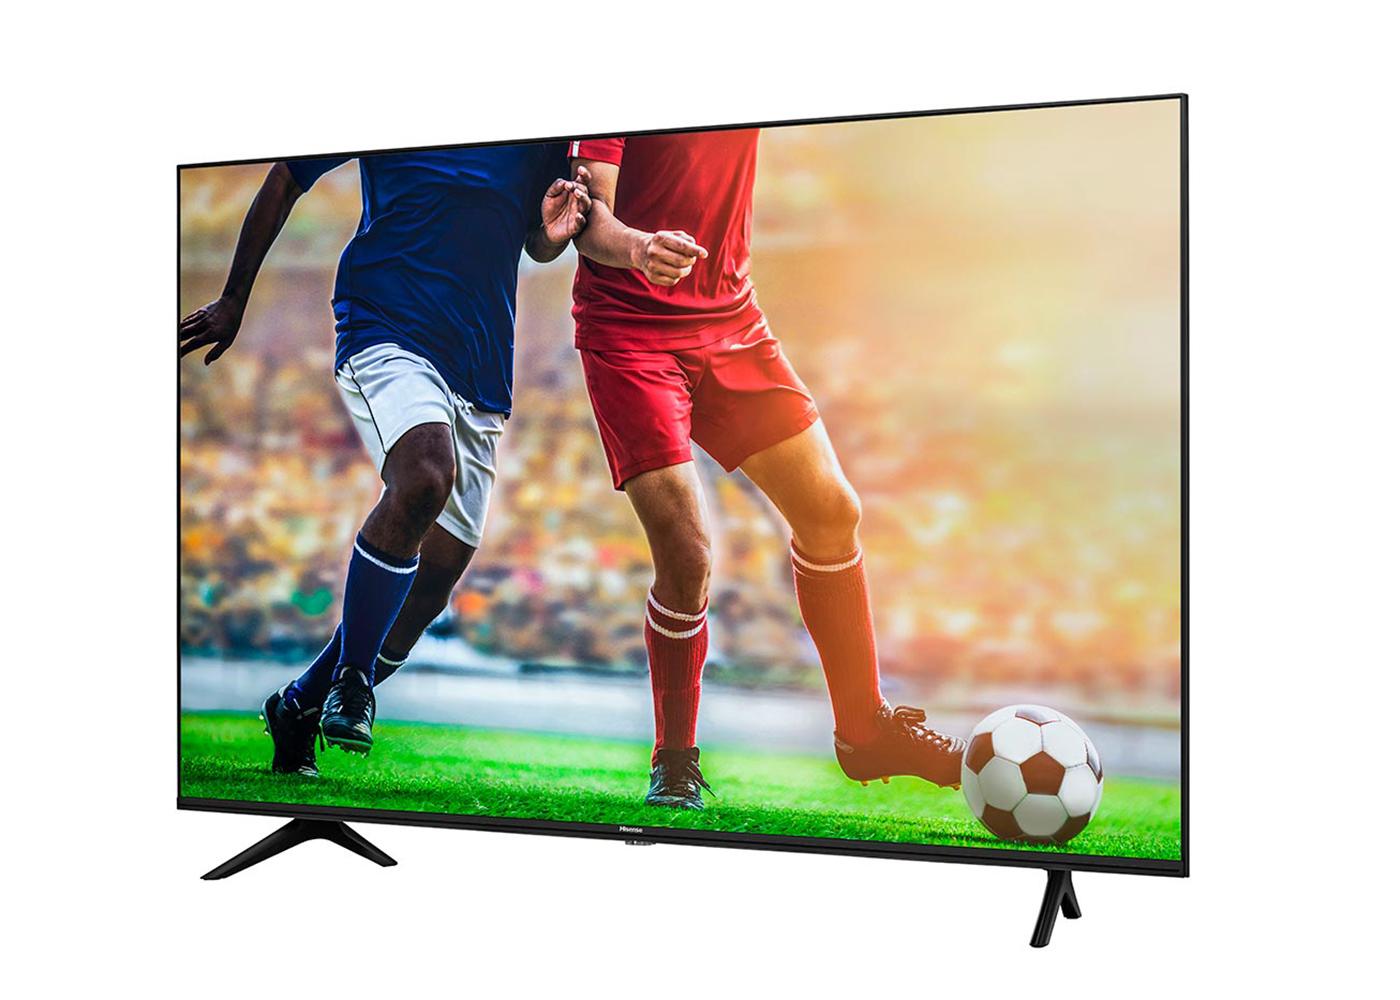 """Televisión Hisense 50"""" LED 4K UHD 50A7100F - Mejores televisiones baratas en 2021"""